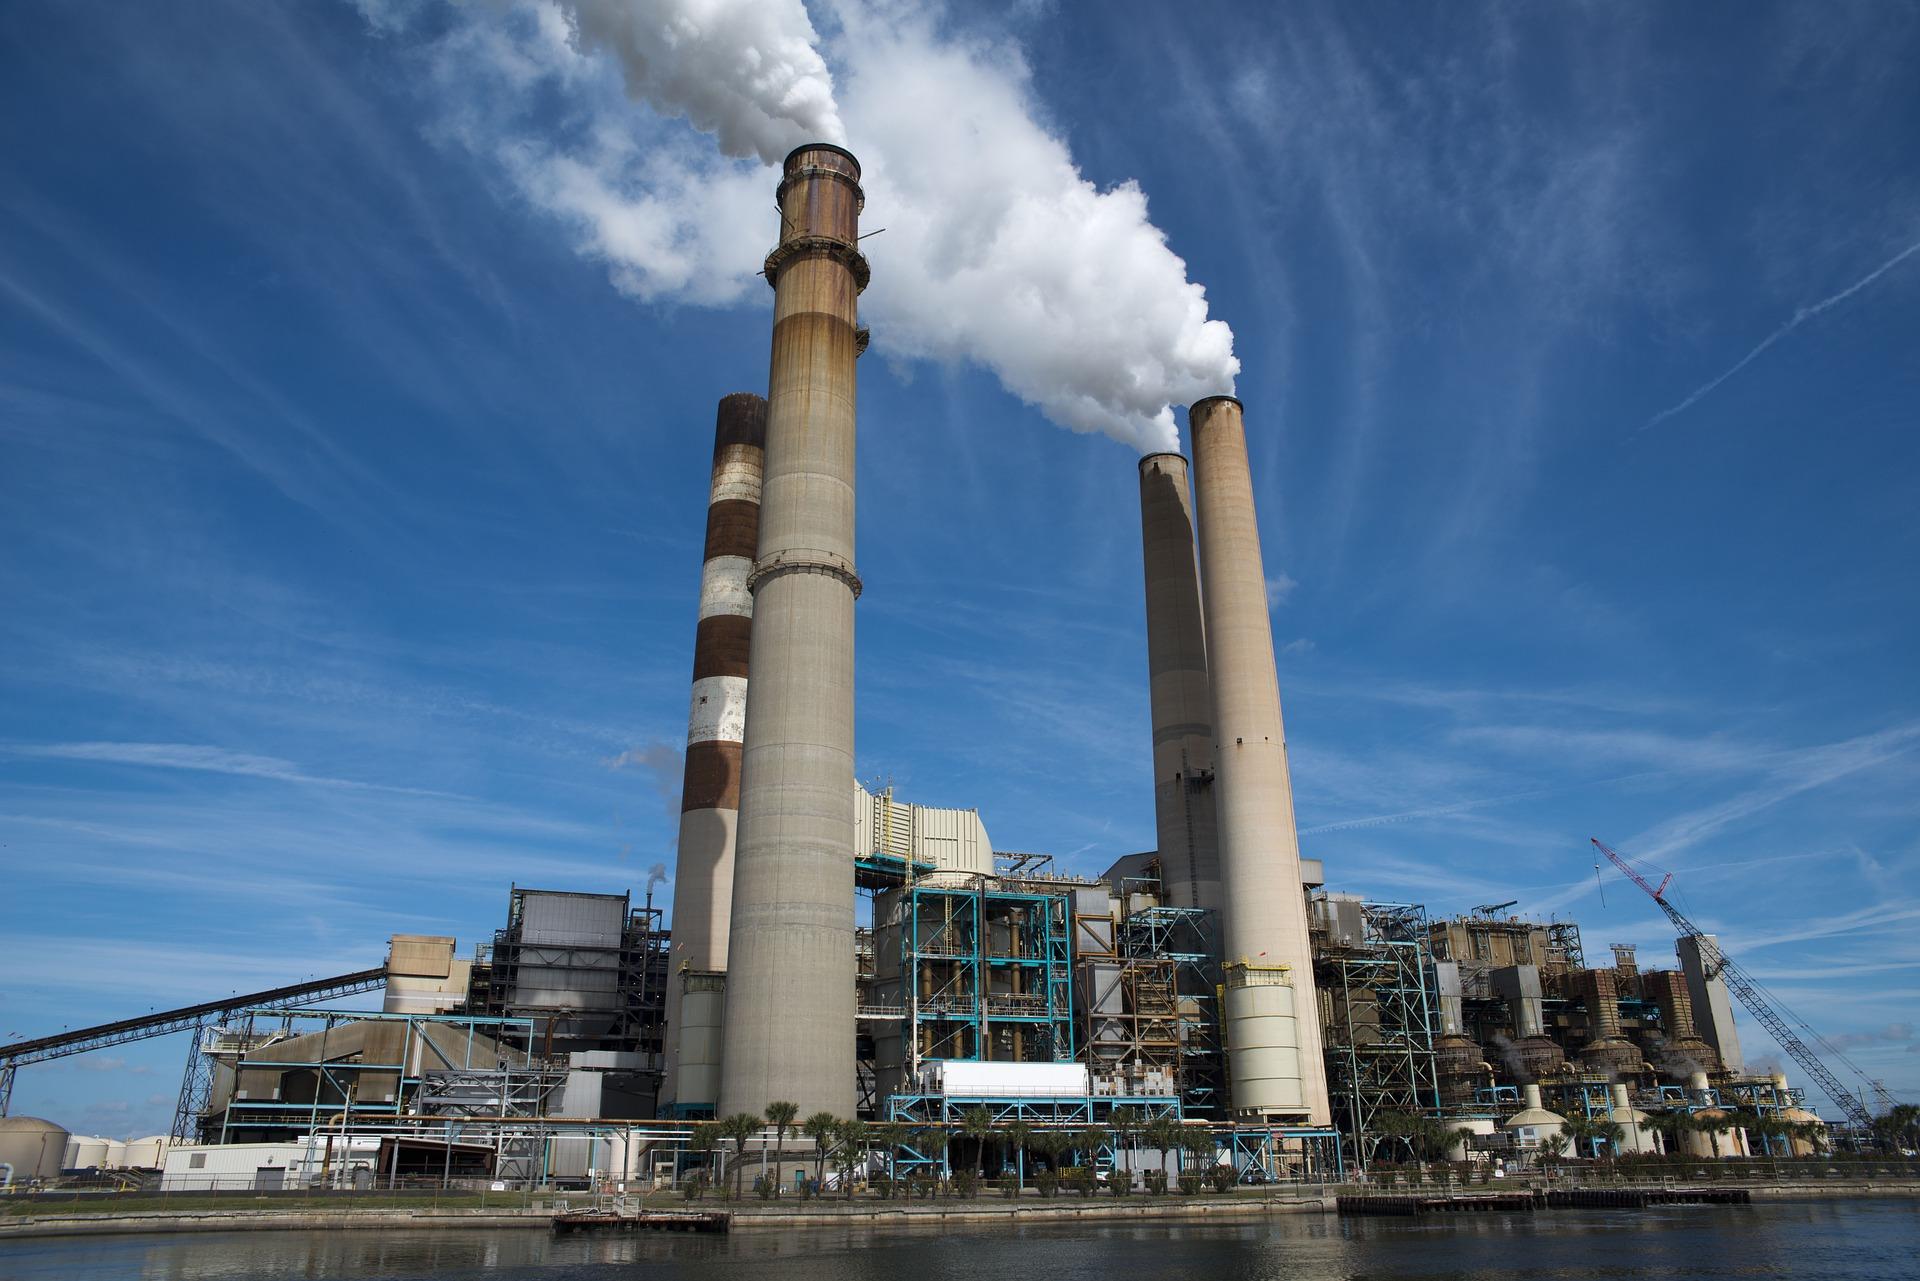 Artikel: Alarmierende Studie zeigt dass die US Düngerindustrie 100 mal mehr Methan emittiert als von ihr geschätzt